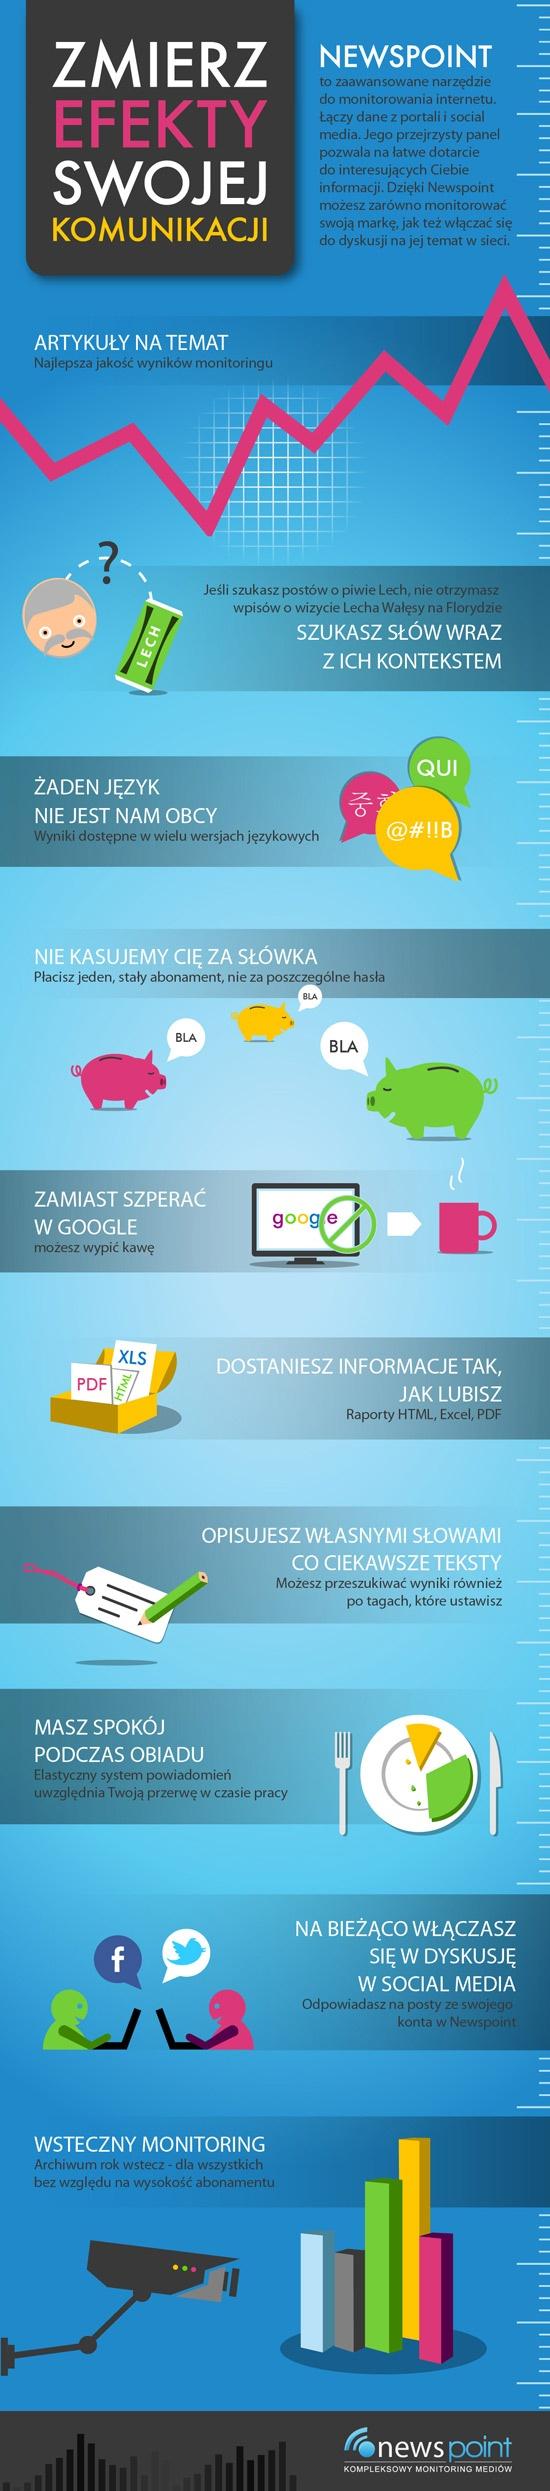 Newspoint - Zmierz z nami efekty swojej komunikacji :)